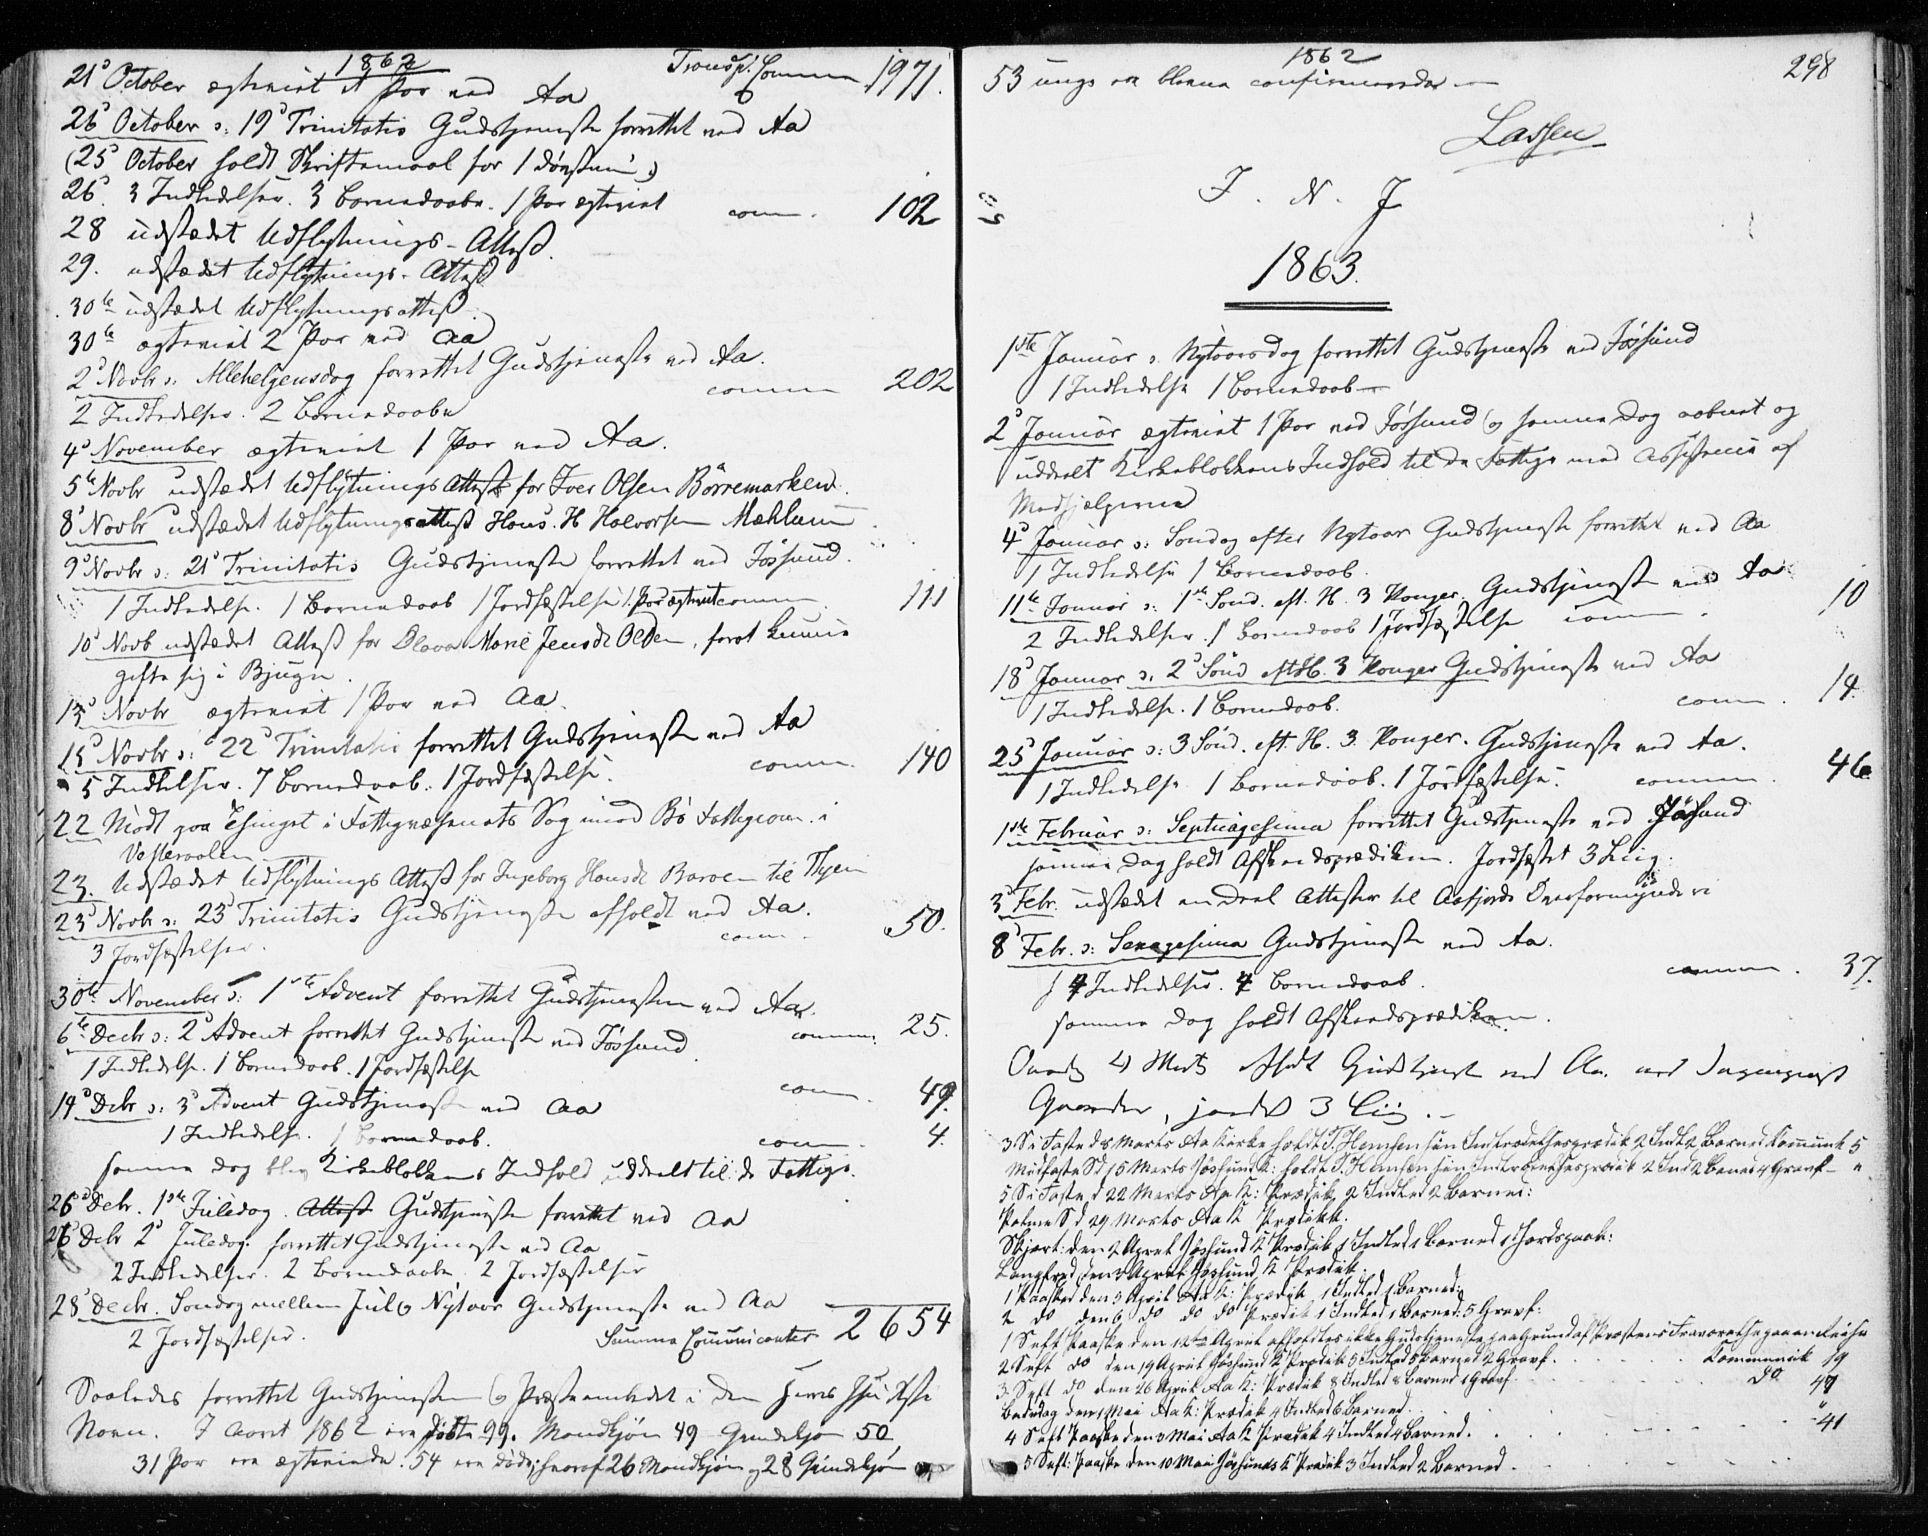 SAT, Ministerialprotokoller, klokkerbøker og fødselsregistre - Sør-Trøndelag, 655/L0678: Ministerialbok nr. 655A07, 1861-1873, s. 298